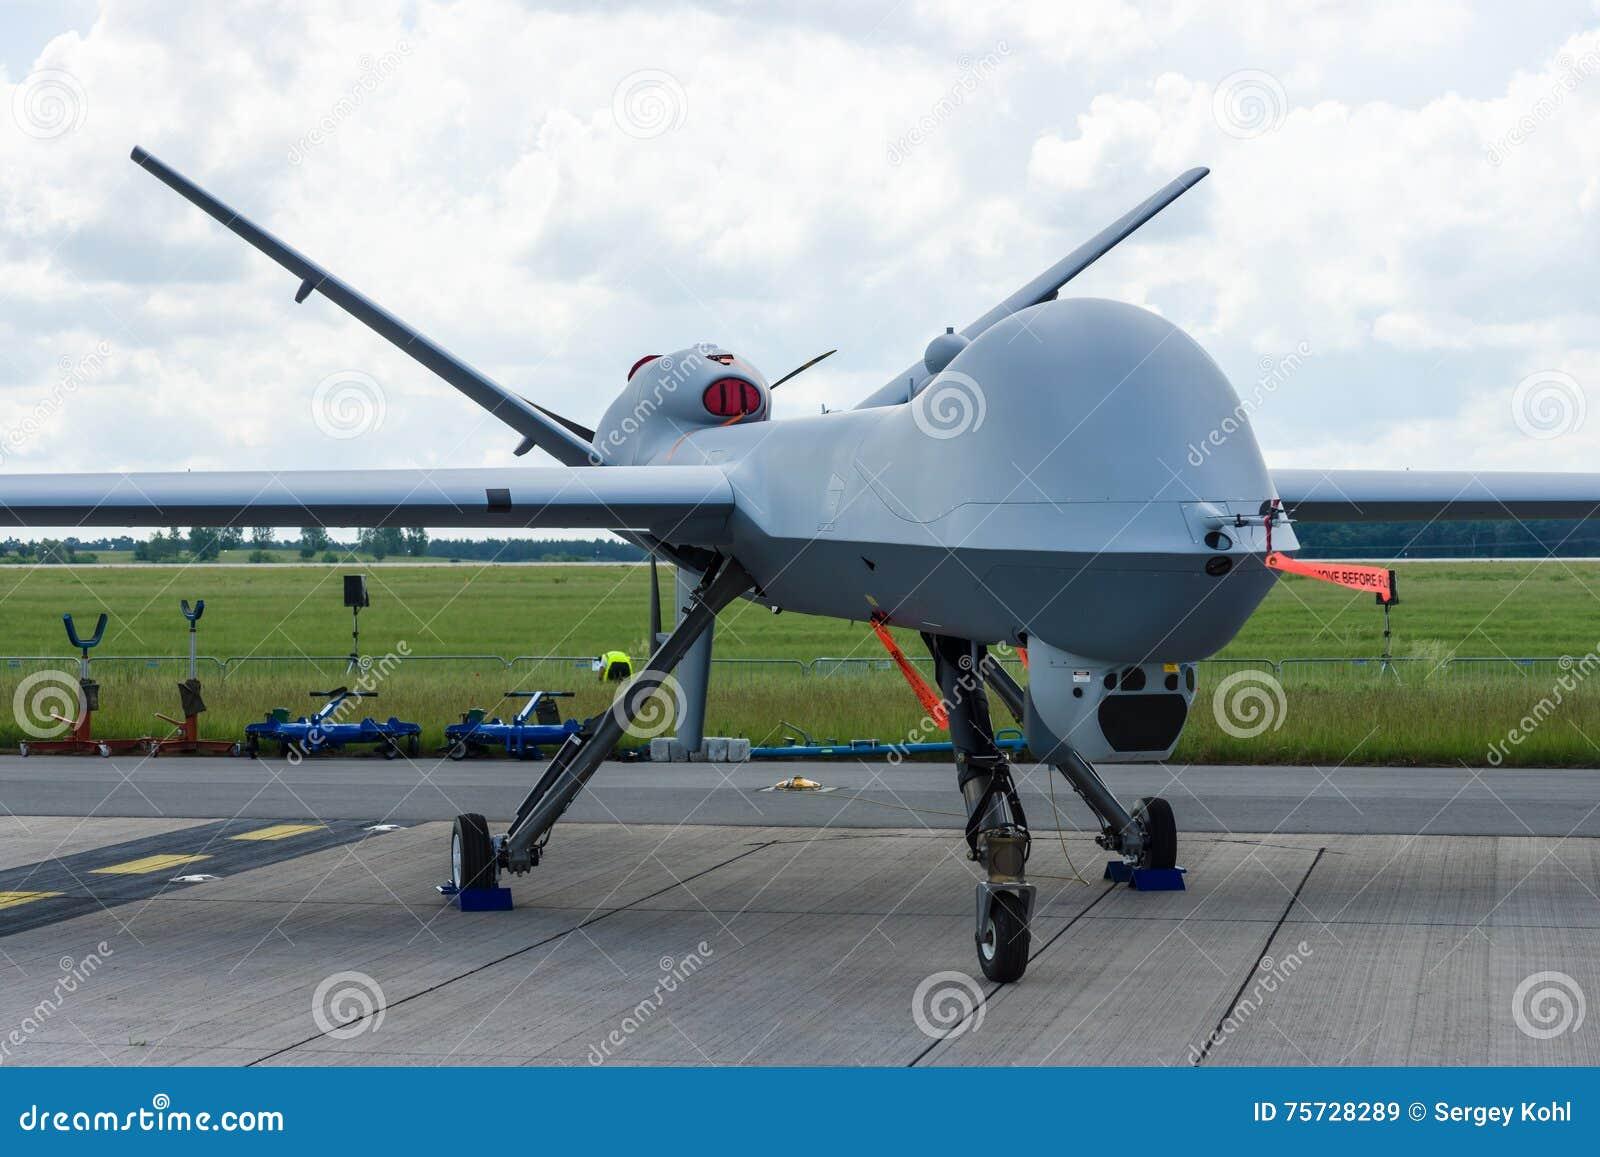 Les sciences atomiques générales téléguidées MQ-9 Reaper de véhicule aérien de combat